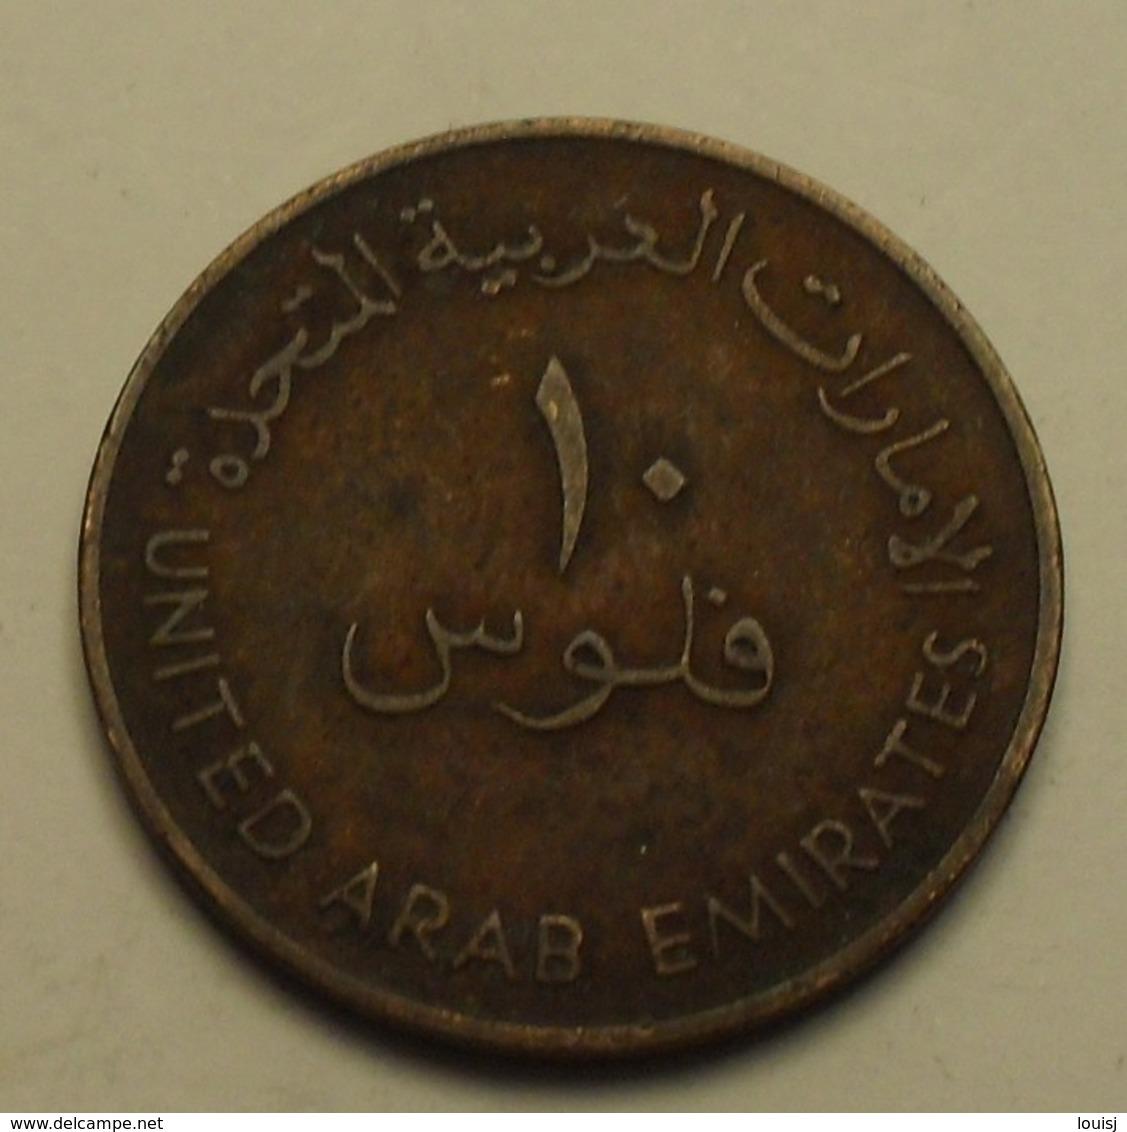 1973 - Emirats Arabes Unis - United Arab Emirates - 1393 - 10 FILS - KM 3.1 - Emirats Arabes Unis